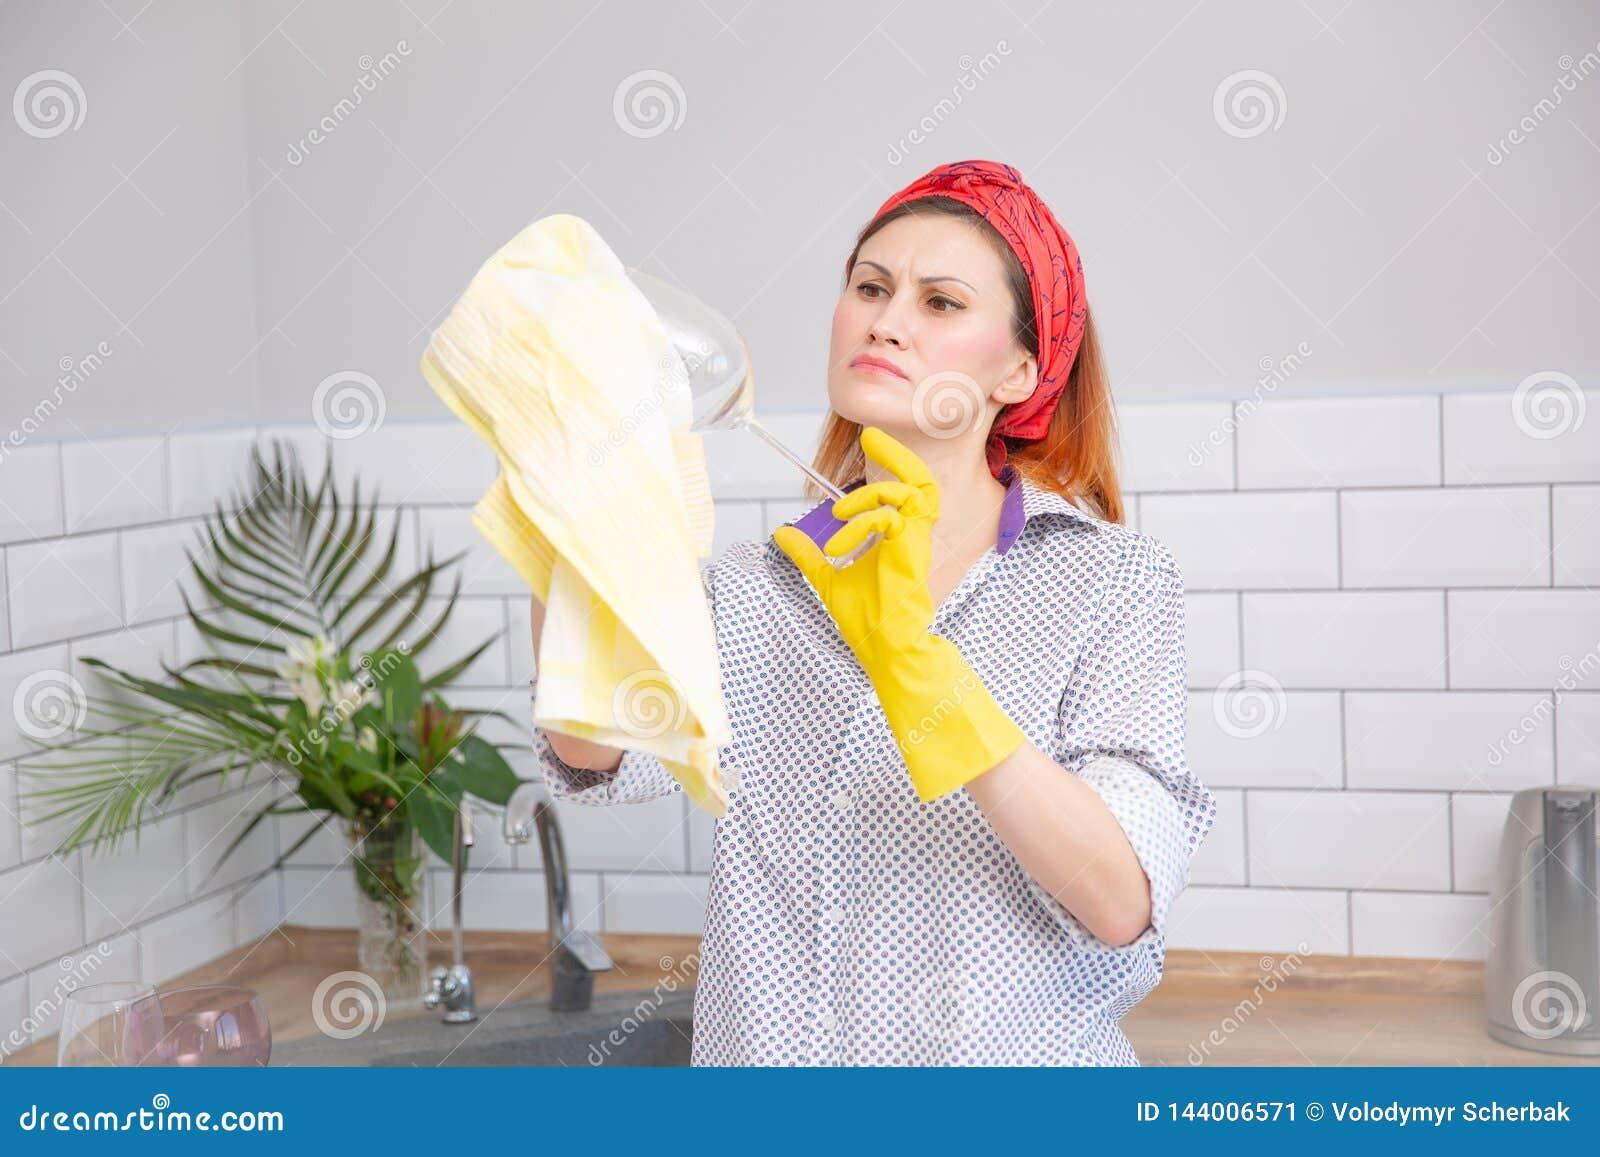 Женщина обтирая стекло с полотенцем в кухне